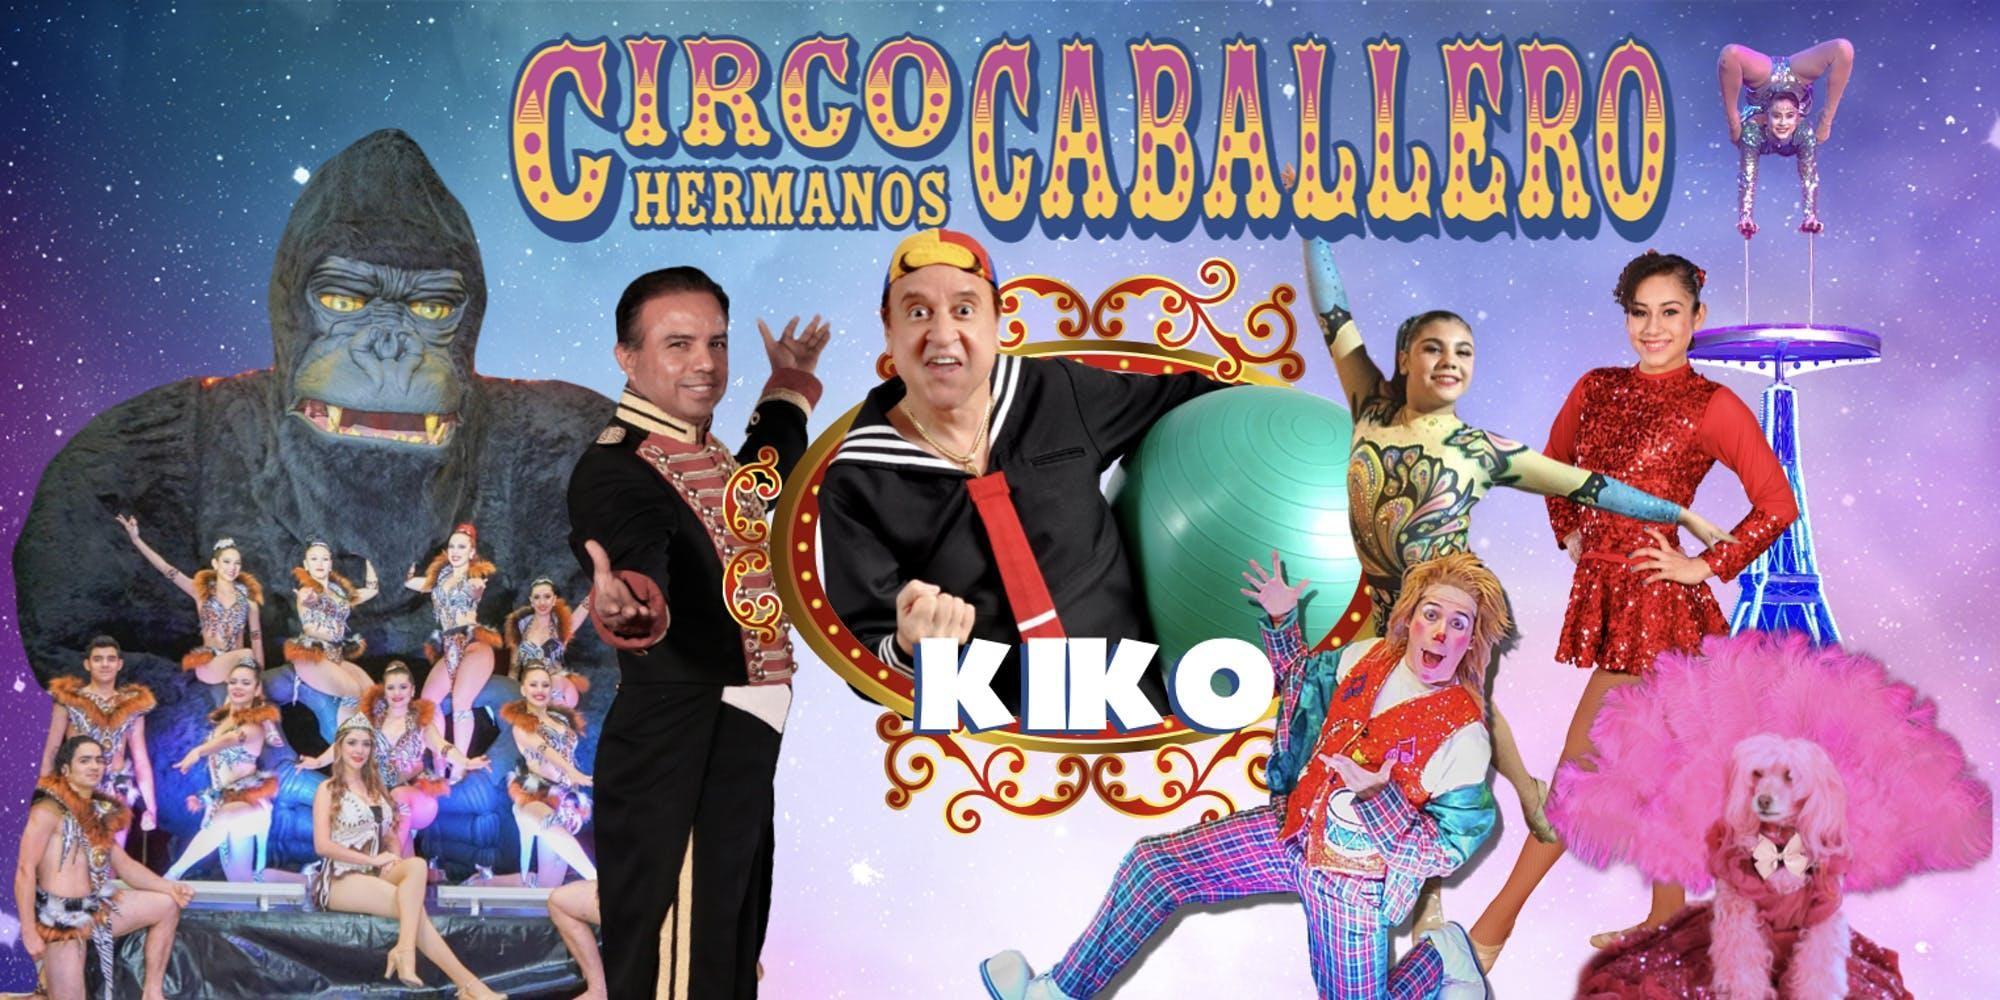 Circo Hermanos Caballero  -Circus